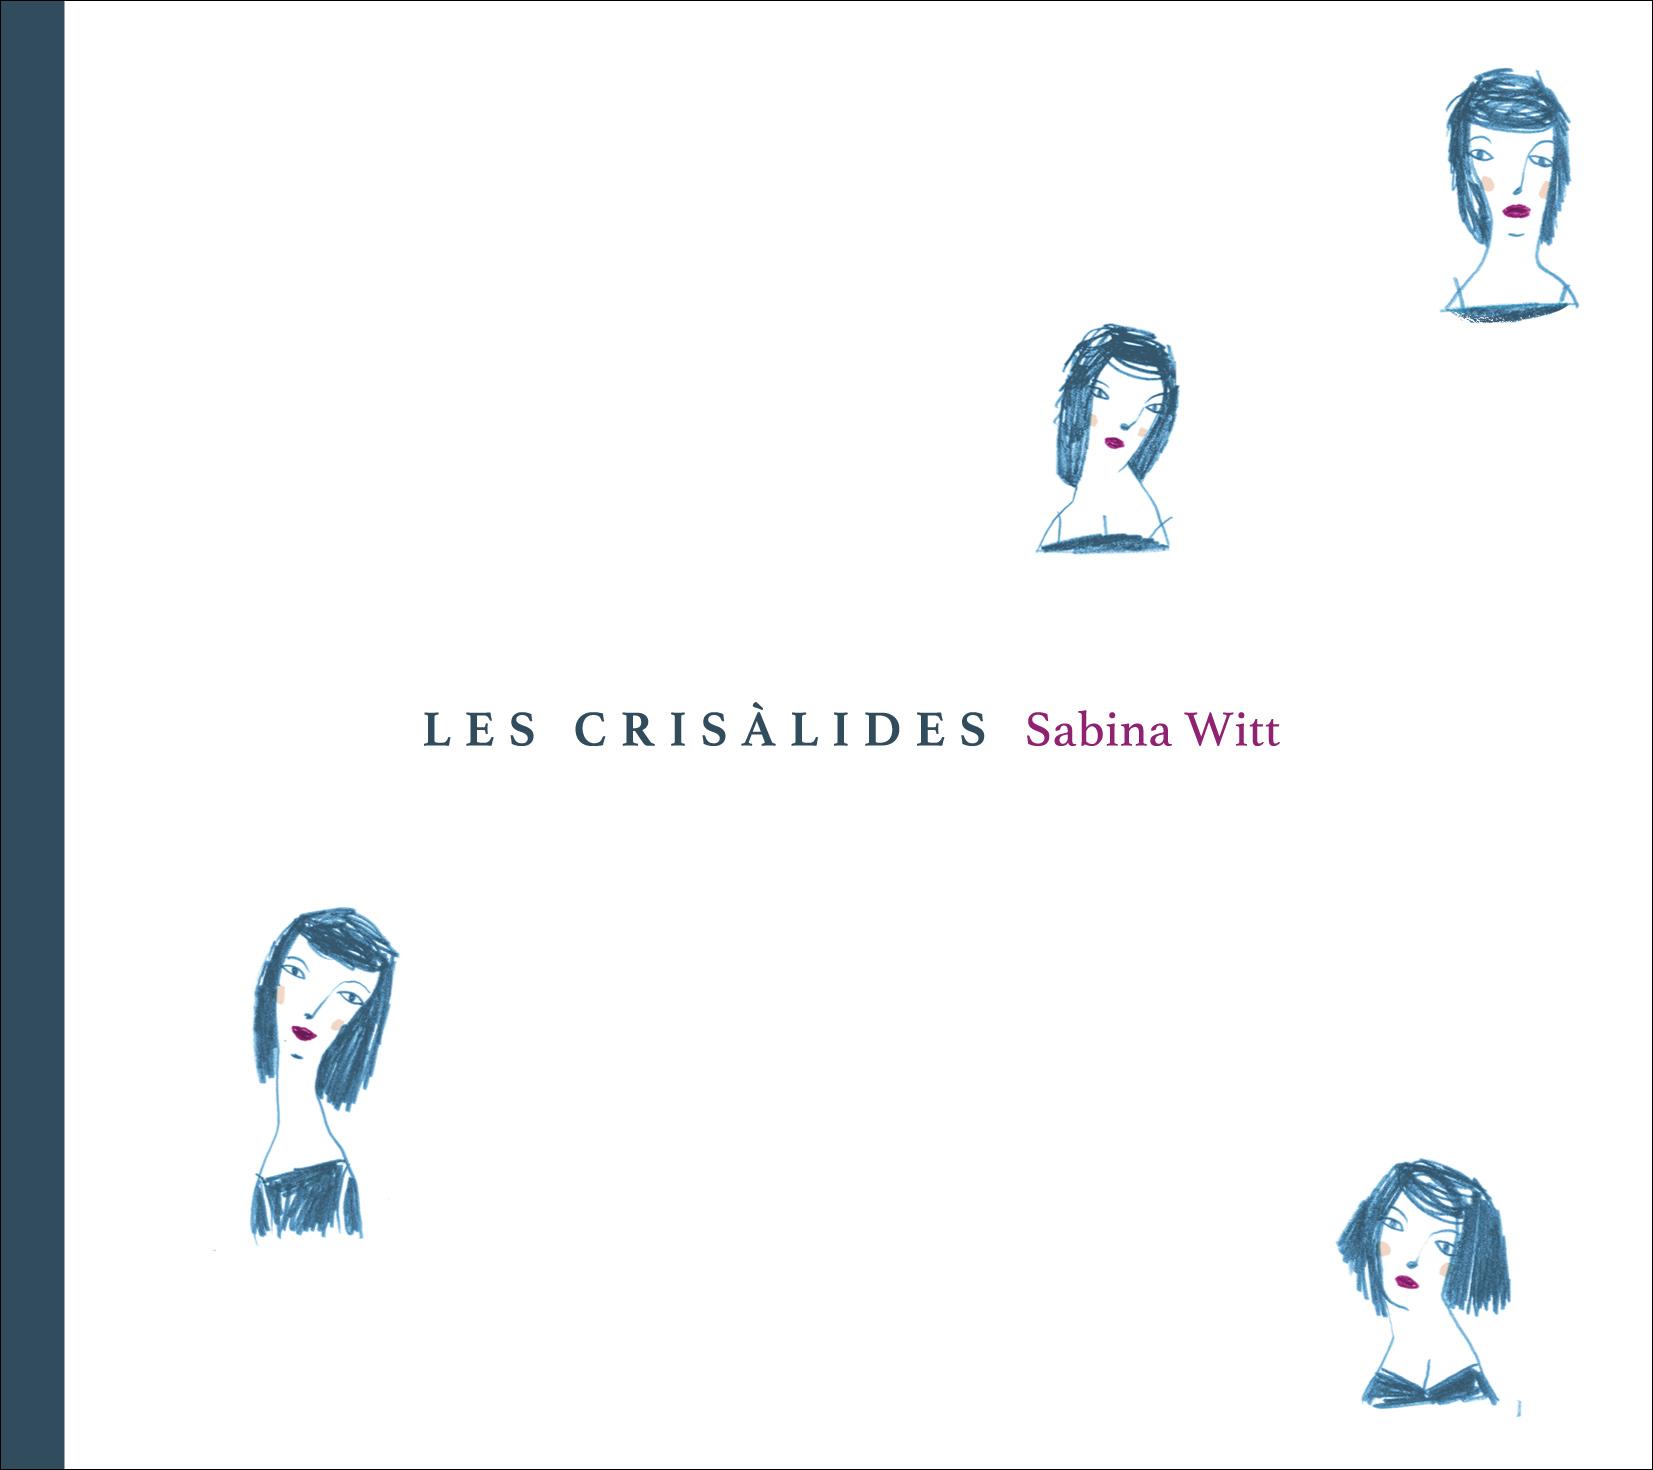 October 14- Les crisàlides-Café Auditori (Sant Cugat)-21h